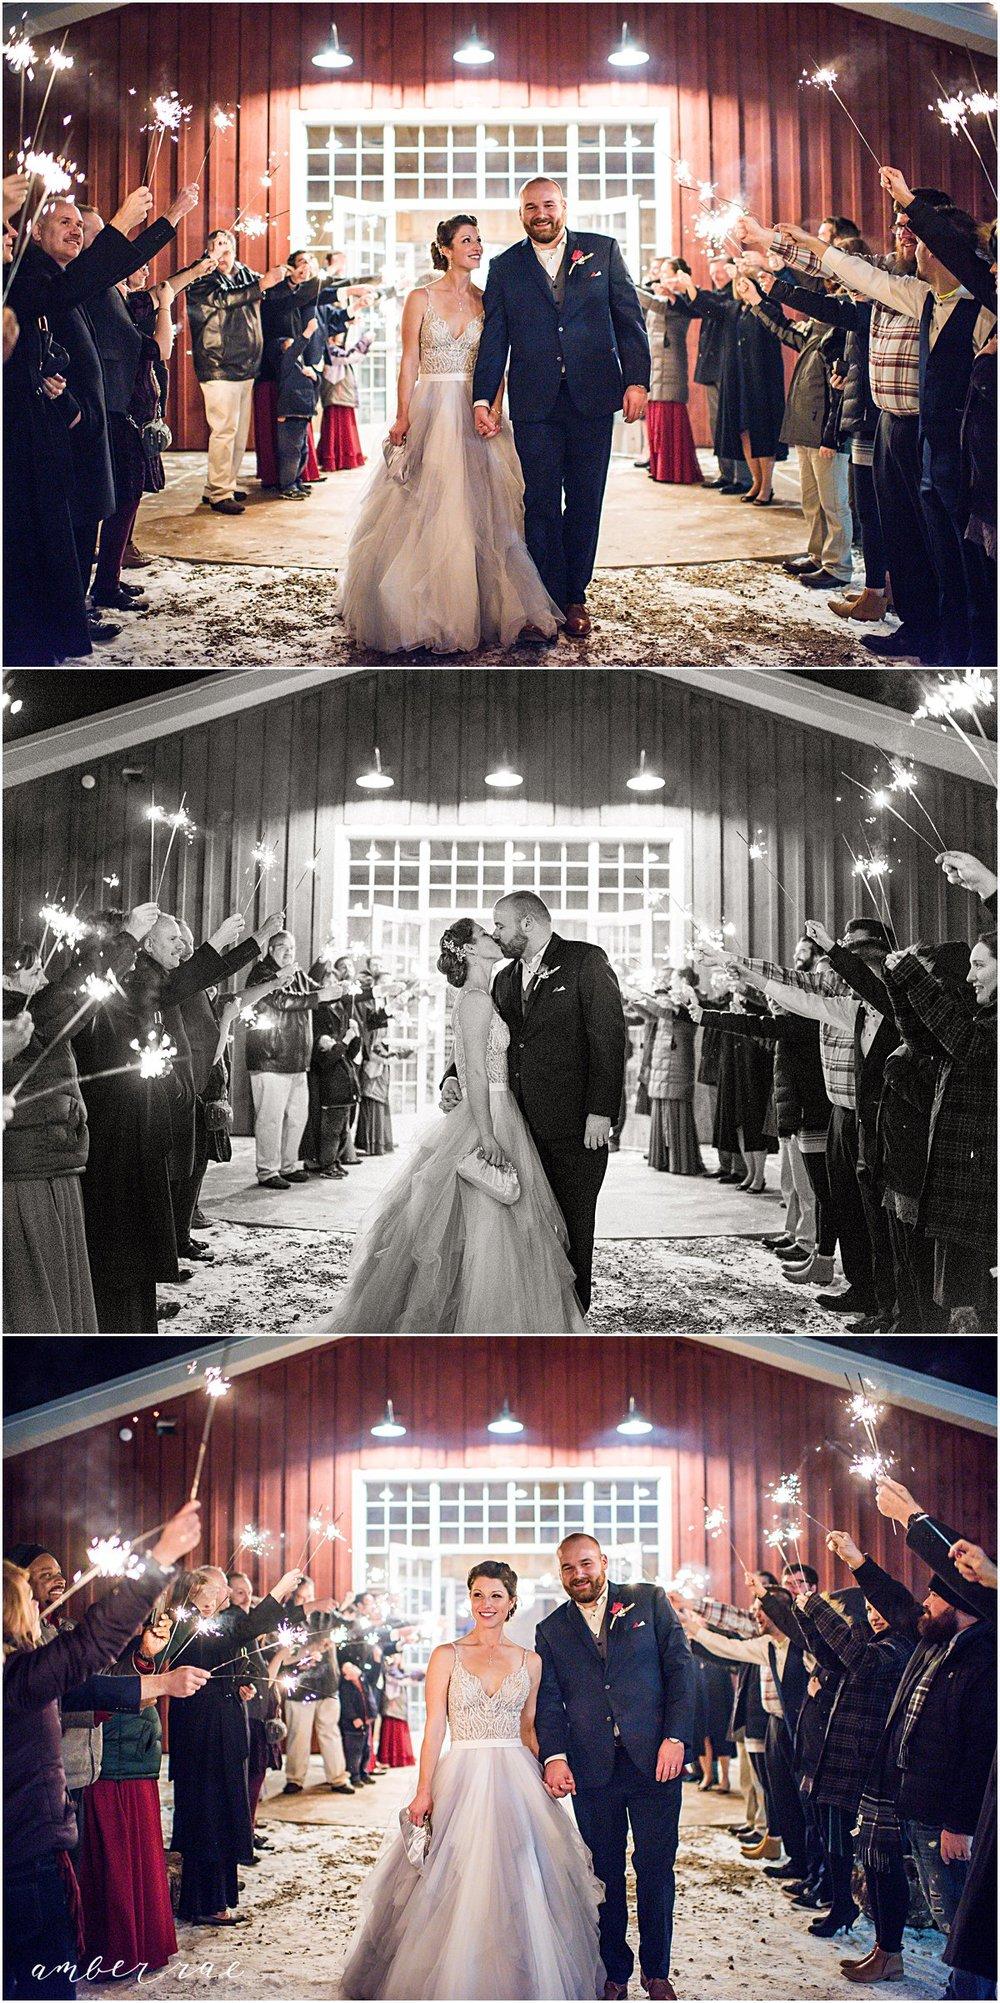 Helget Wedding Dec 2017_0053.jpg